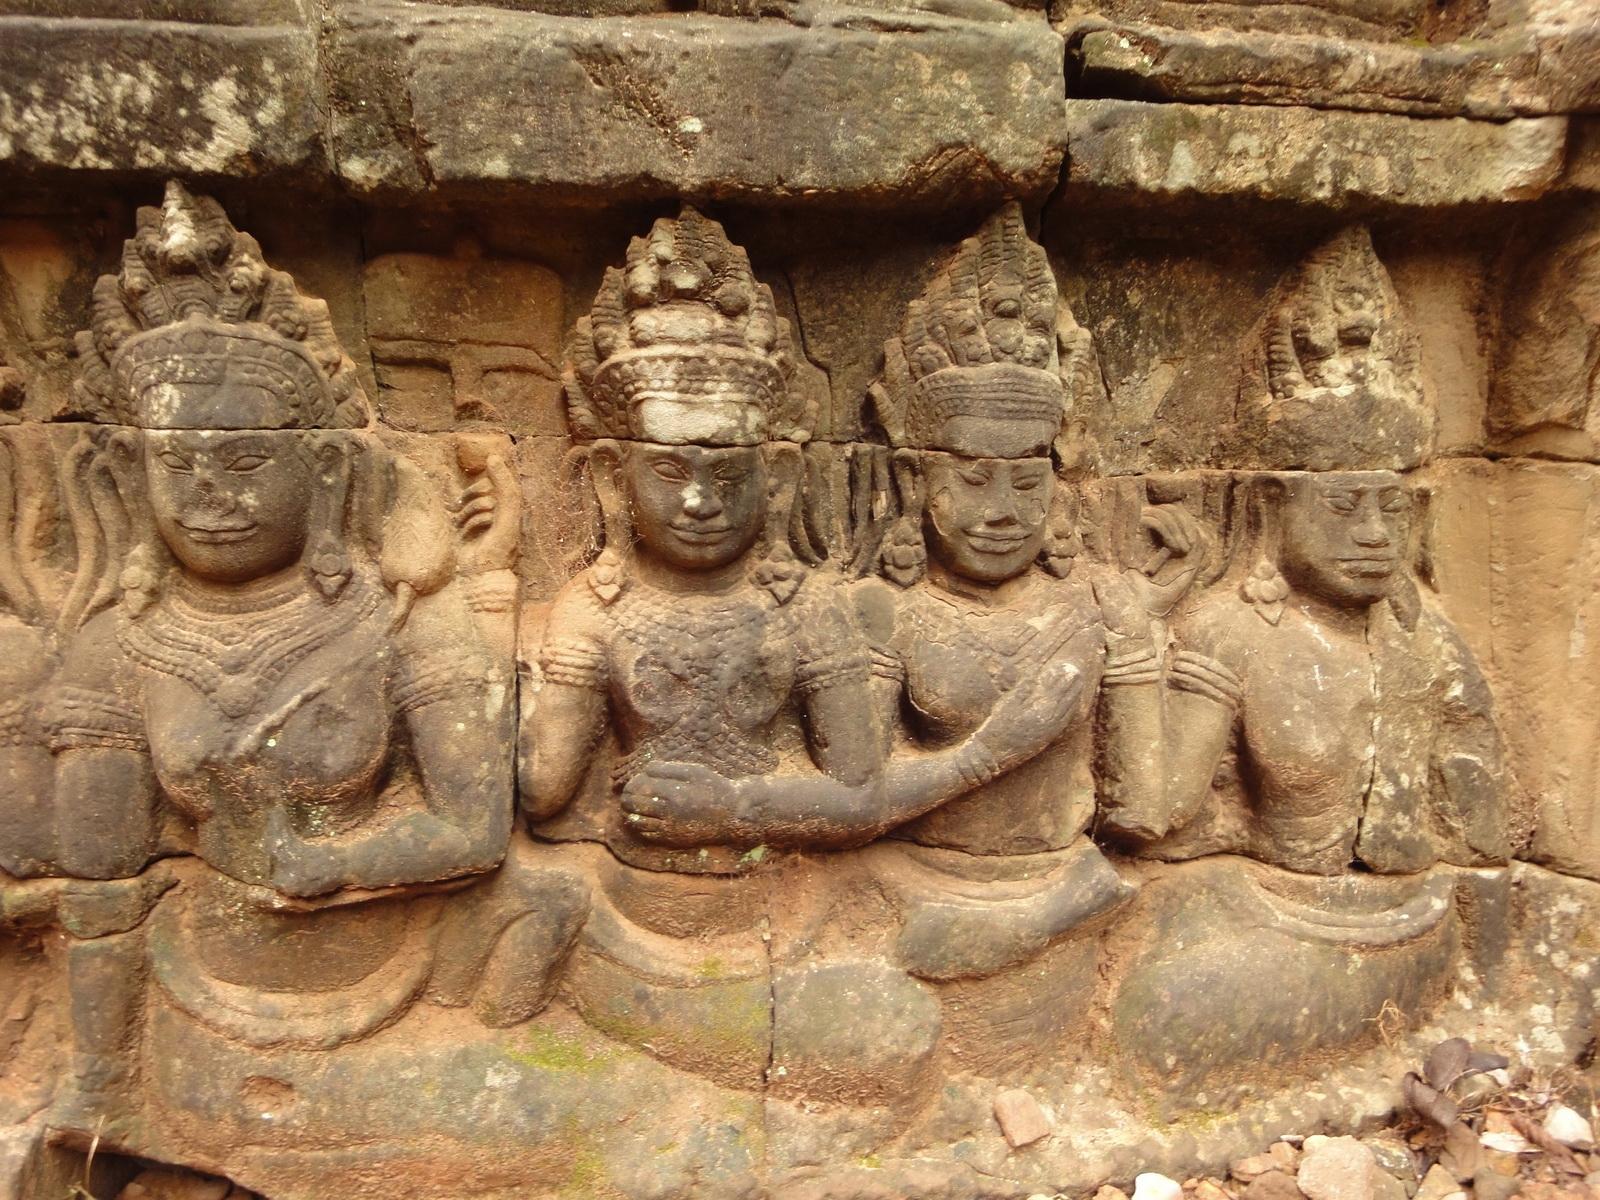 Leper King Terrace hidden wall underworld Nagas and deities 031